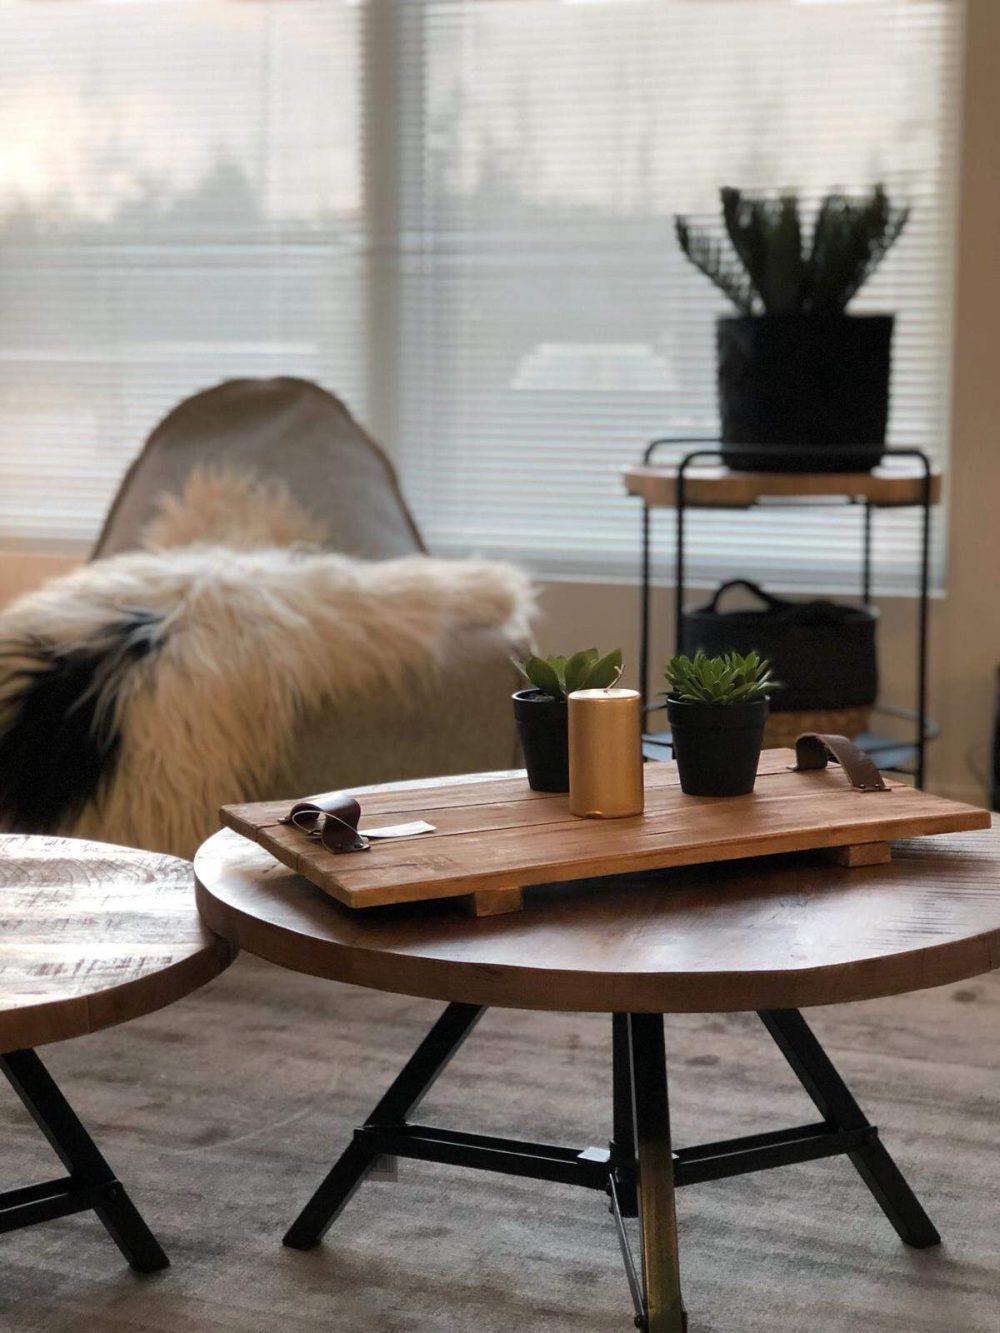 Snugg olohuoneen sisustus - Discuss sohvapöydät, SackIT tuoli ja tarjoiluvaunu